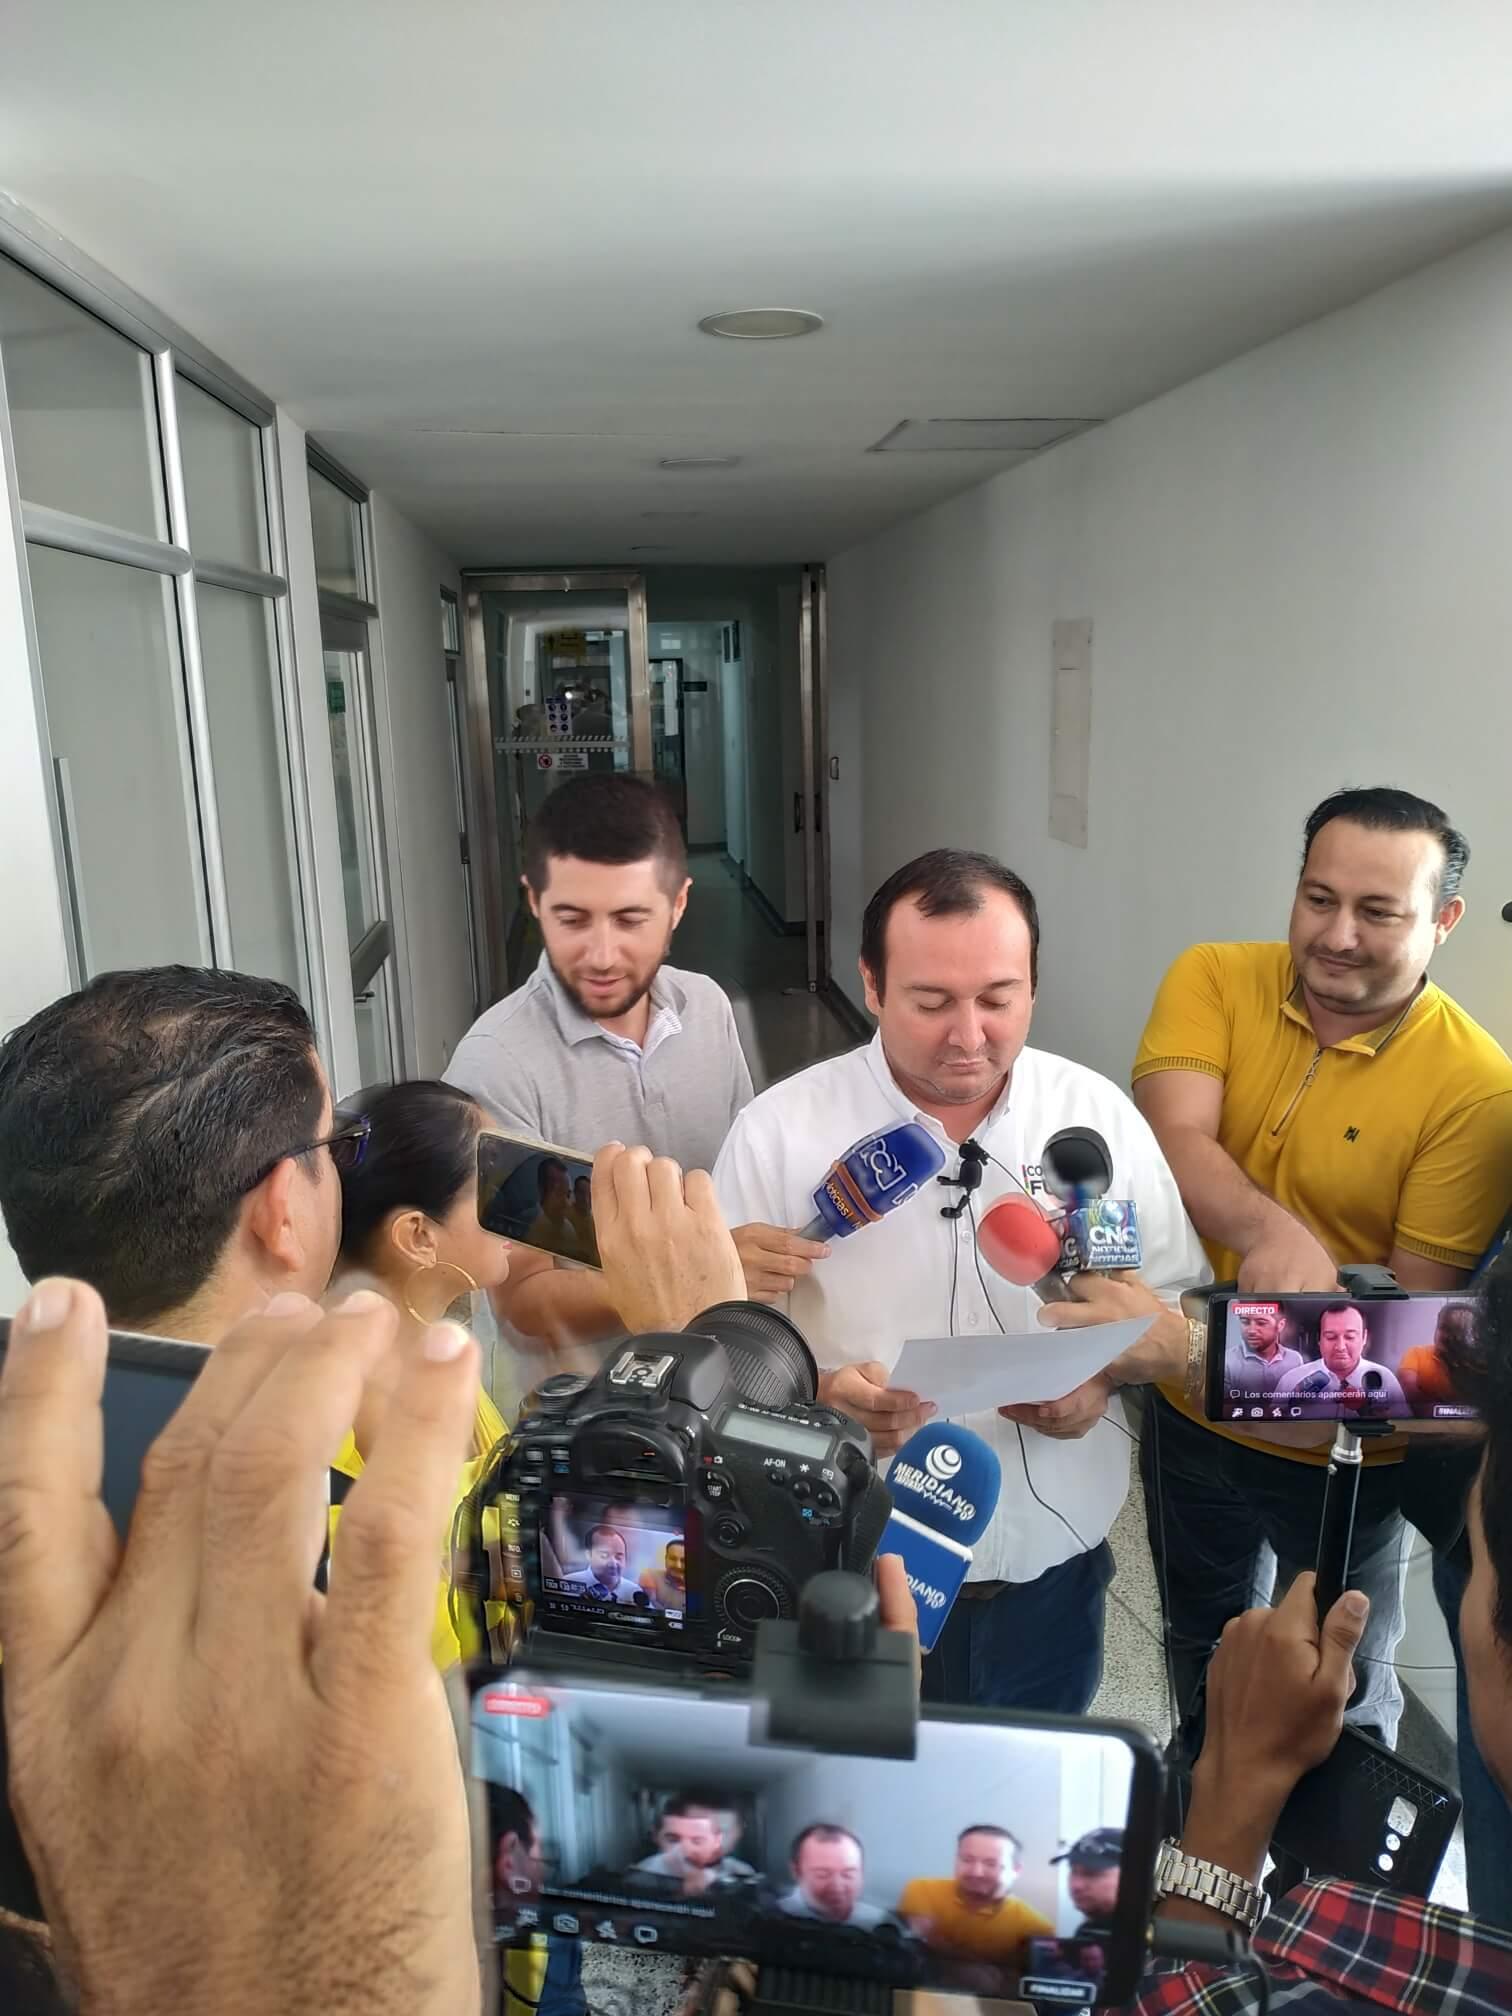 Unidad Administrativa Especial de Salud de Arauca informó que paciente del hospital de Tame no cumple con los criterios de caso probable para coronavirus COVID-2019.